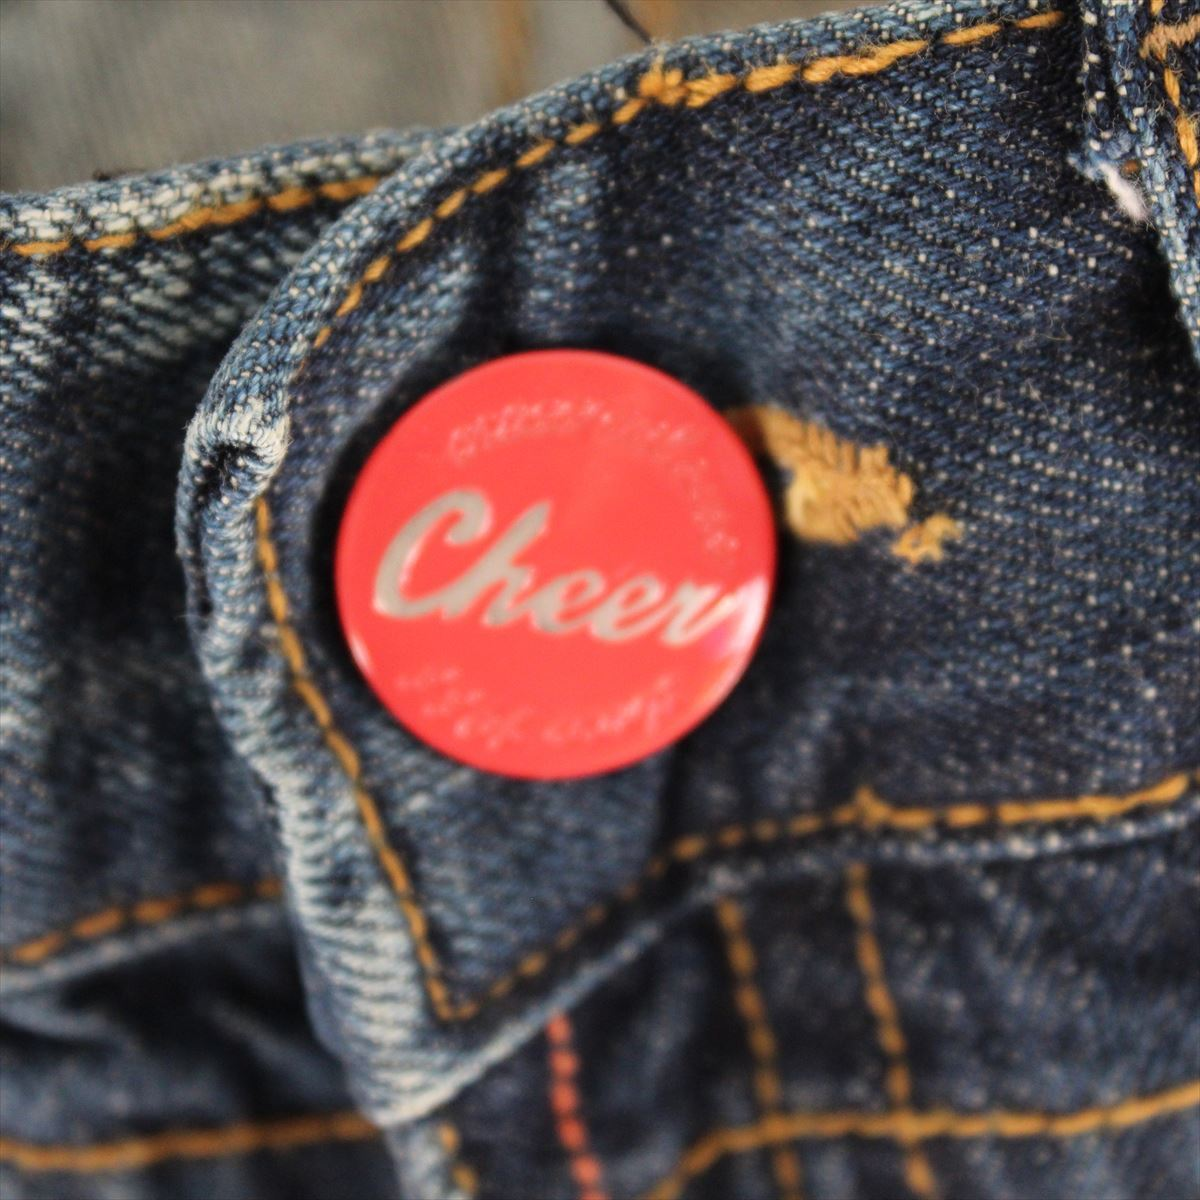 クロスカラーズ CROSS COLOURS CHEER レディースデニムパンツ ジーンズ 27インチ 新品 CL0620068_cheer 赤ボタン